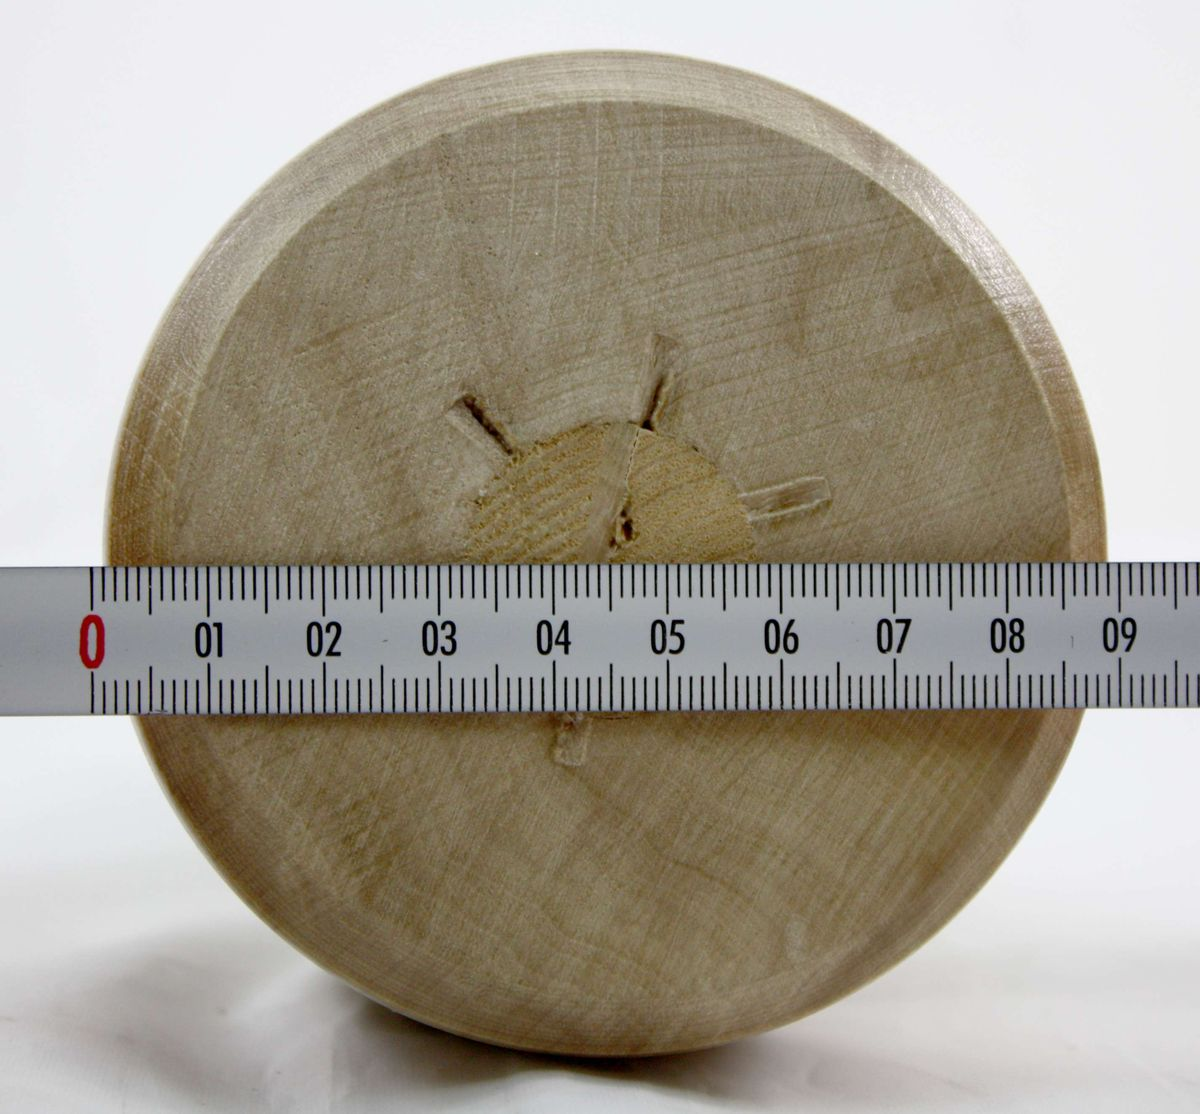 Kirschen Klopfholz Bildhauerklüpfel 90 mm rund 3500090 – Bild 8